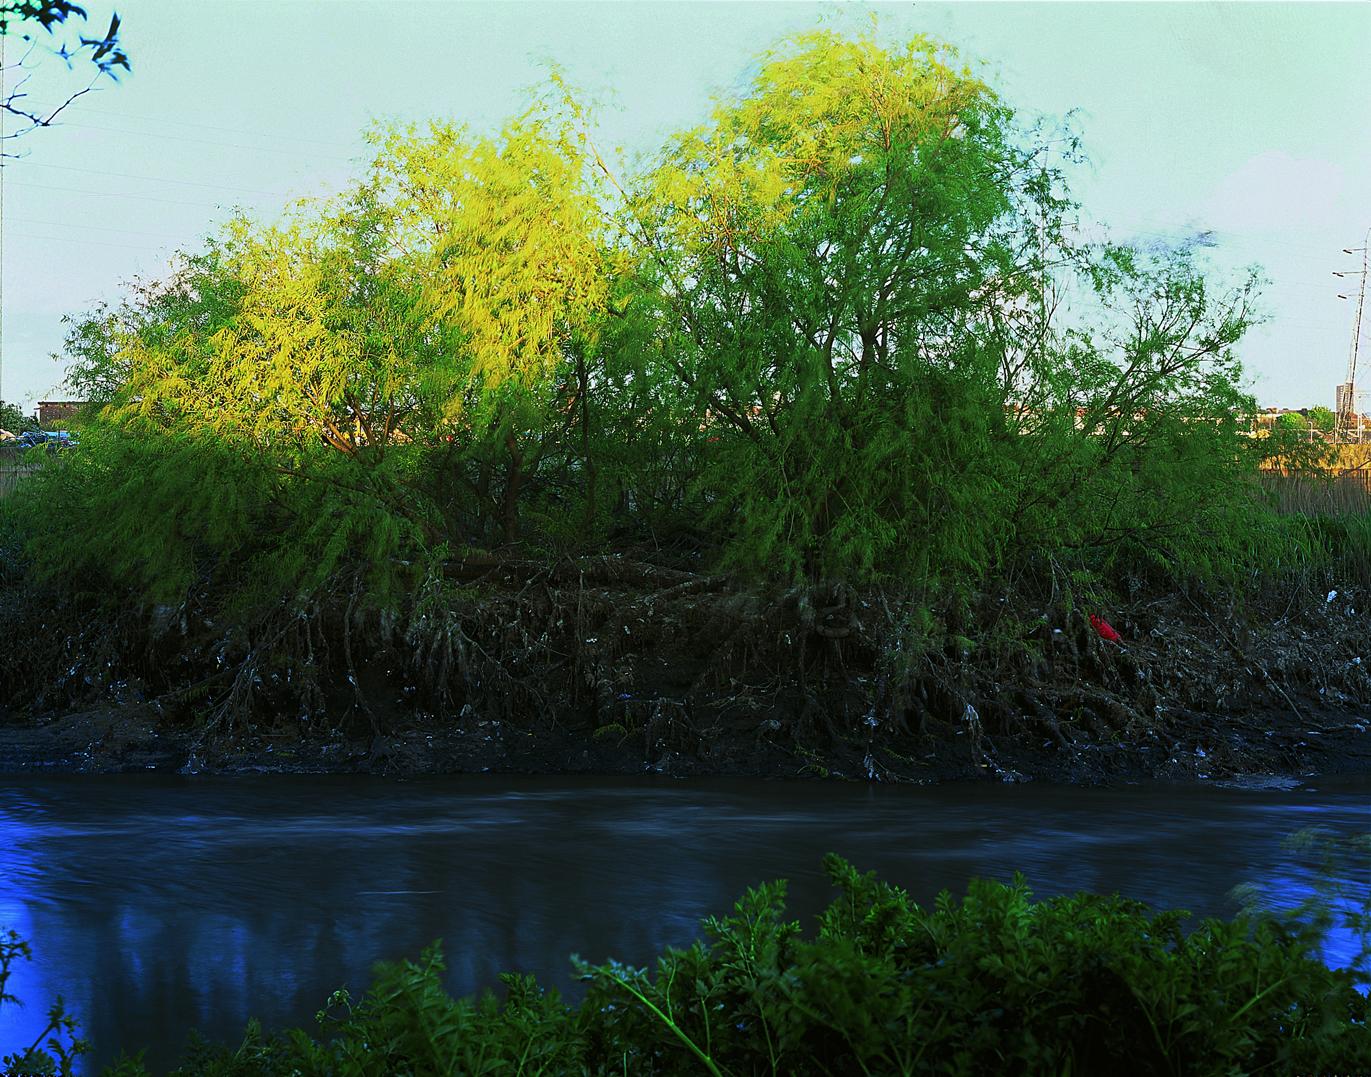 swan-songs-channelsea-river-2002